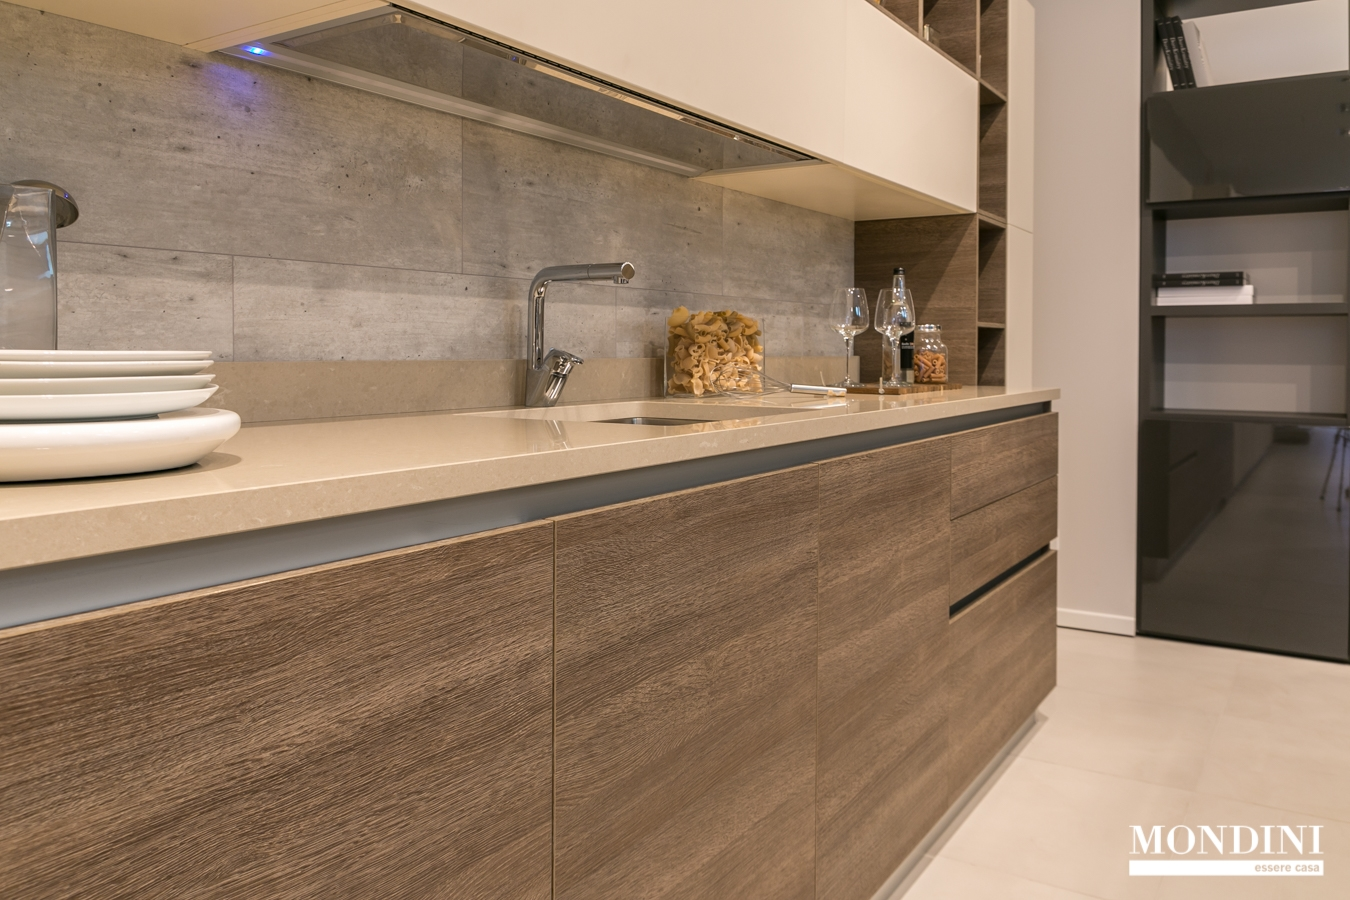 Cucine Scavolini Scontate : Cucina ad isola scavolini modello liberamente scontata del